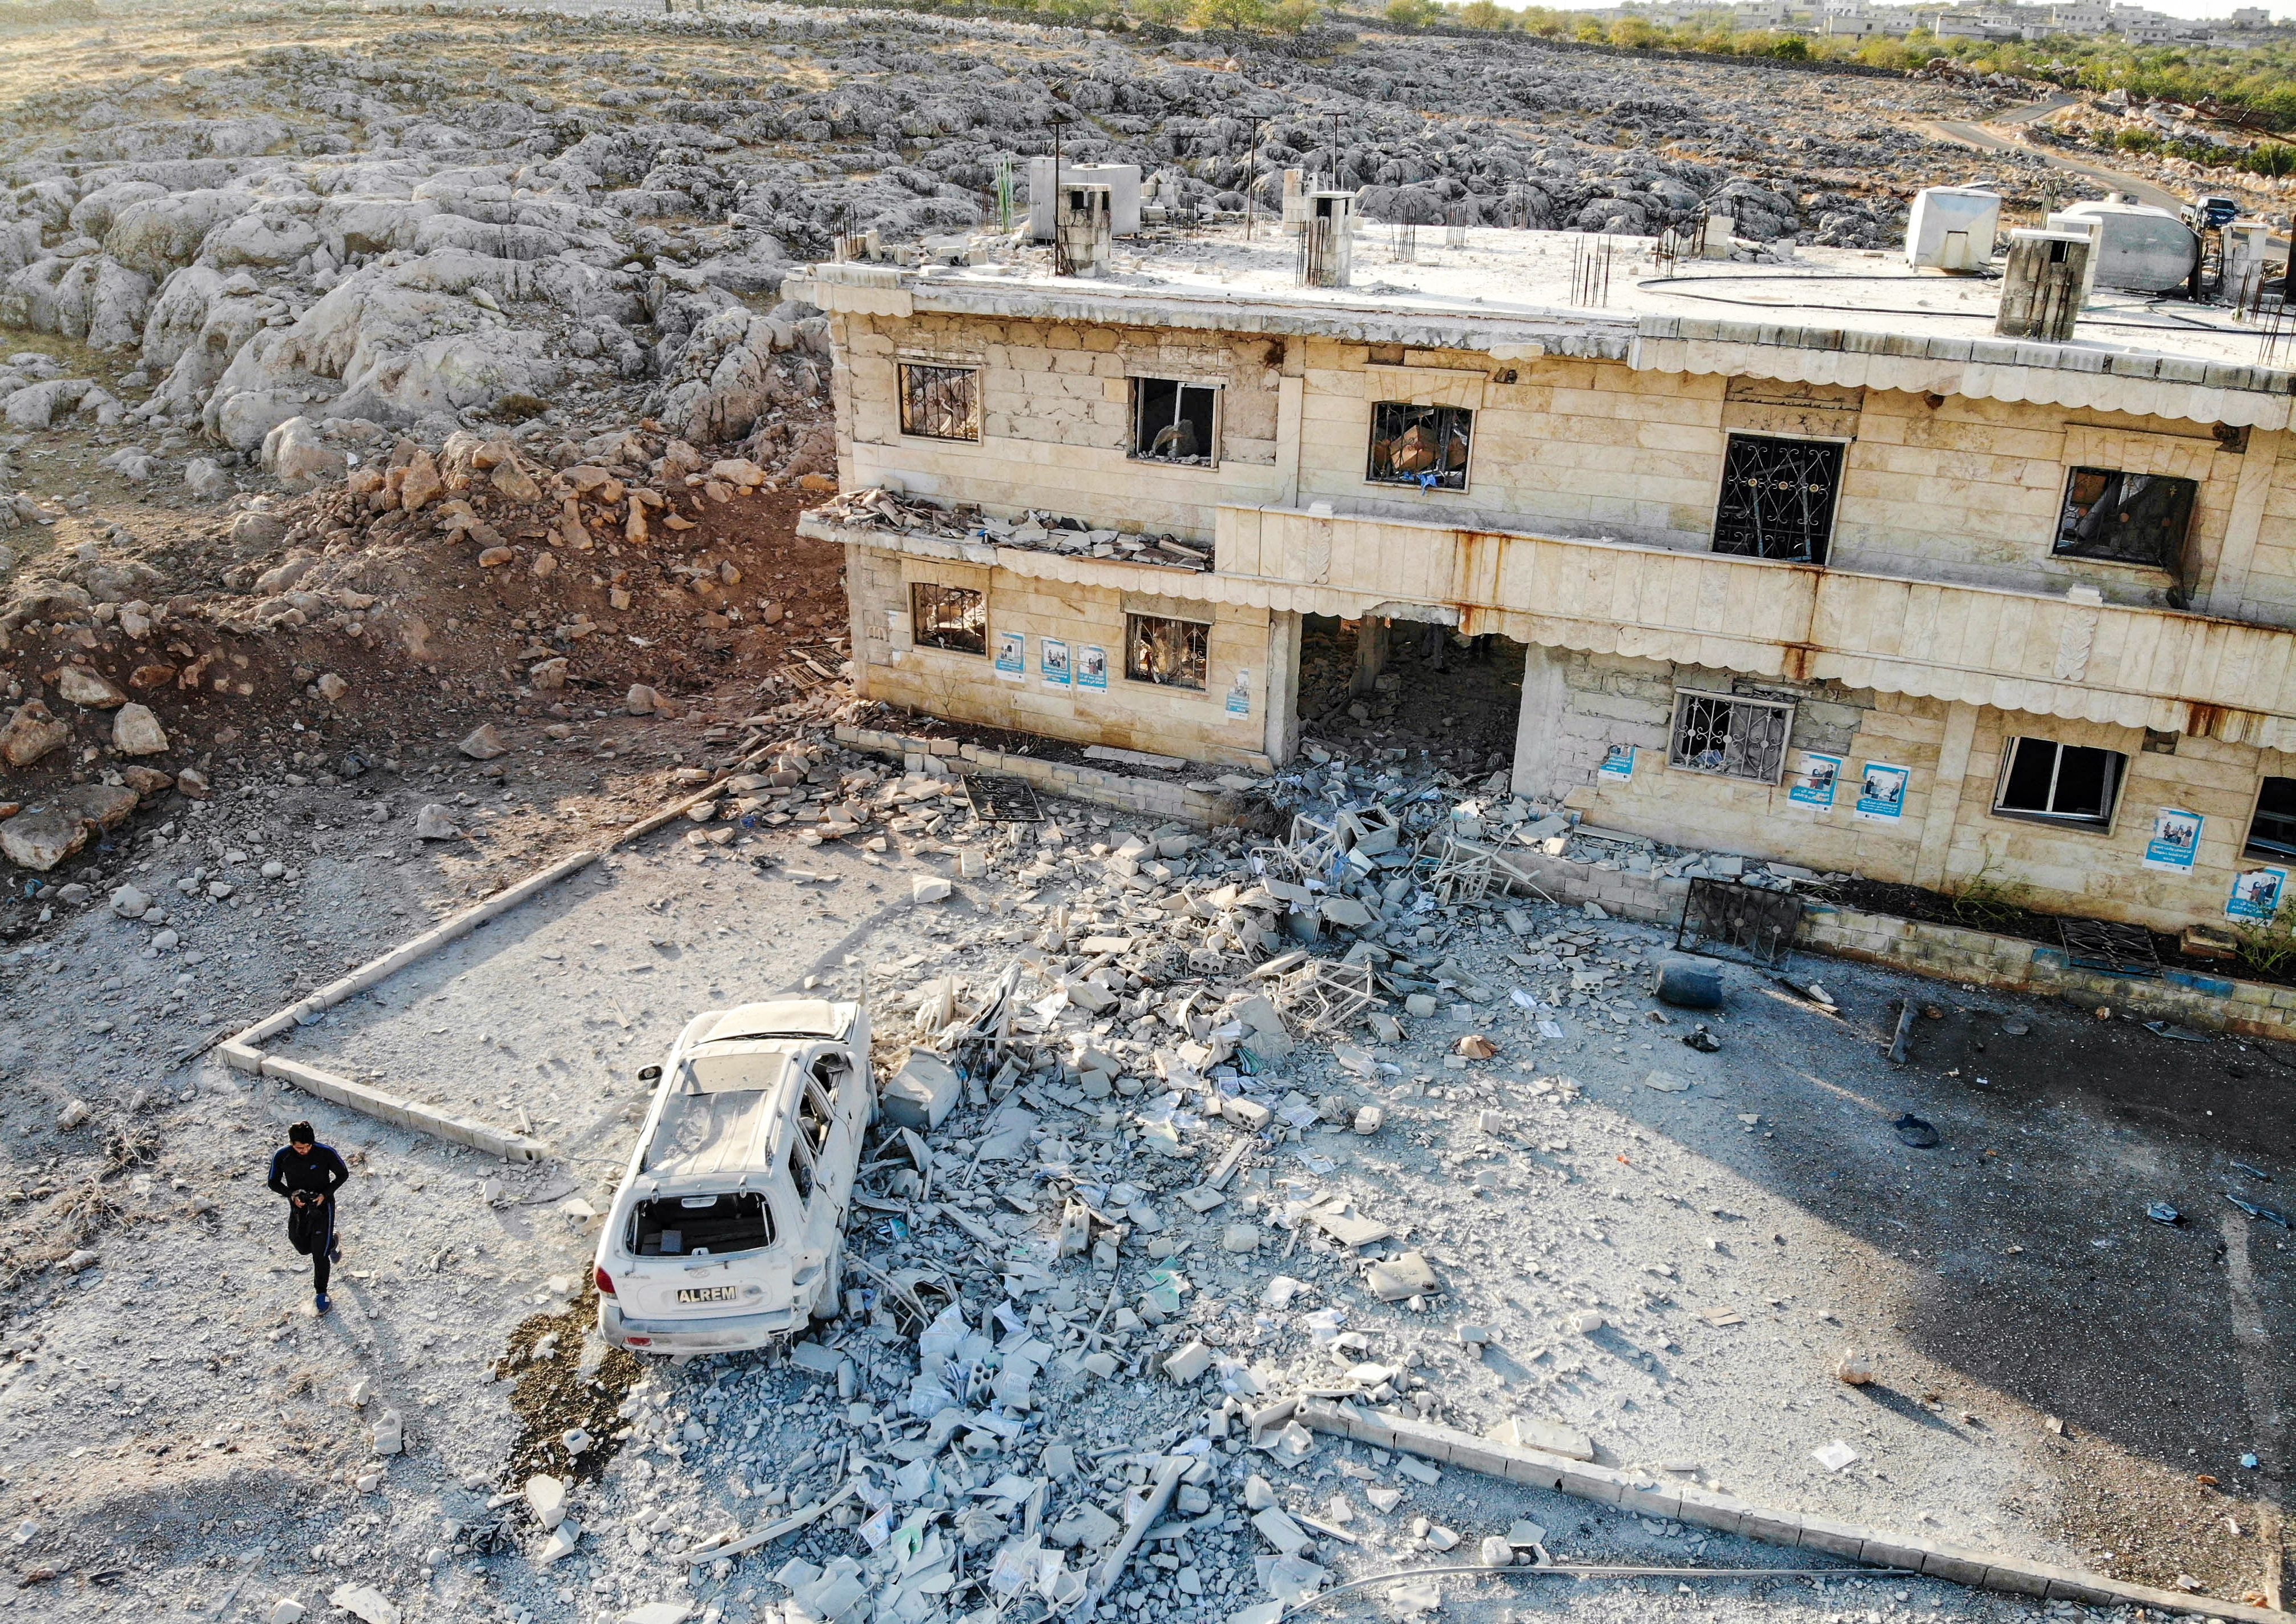 صورة تظهر جانبا من الدمار الذي خلفه القصف على قرية شنان في محافظة إدلب السورية